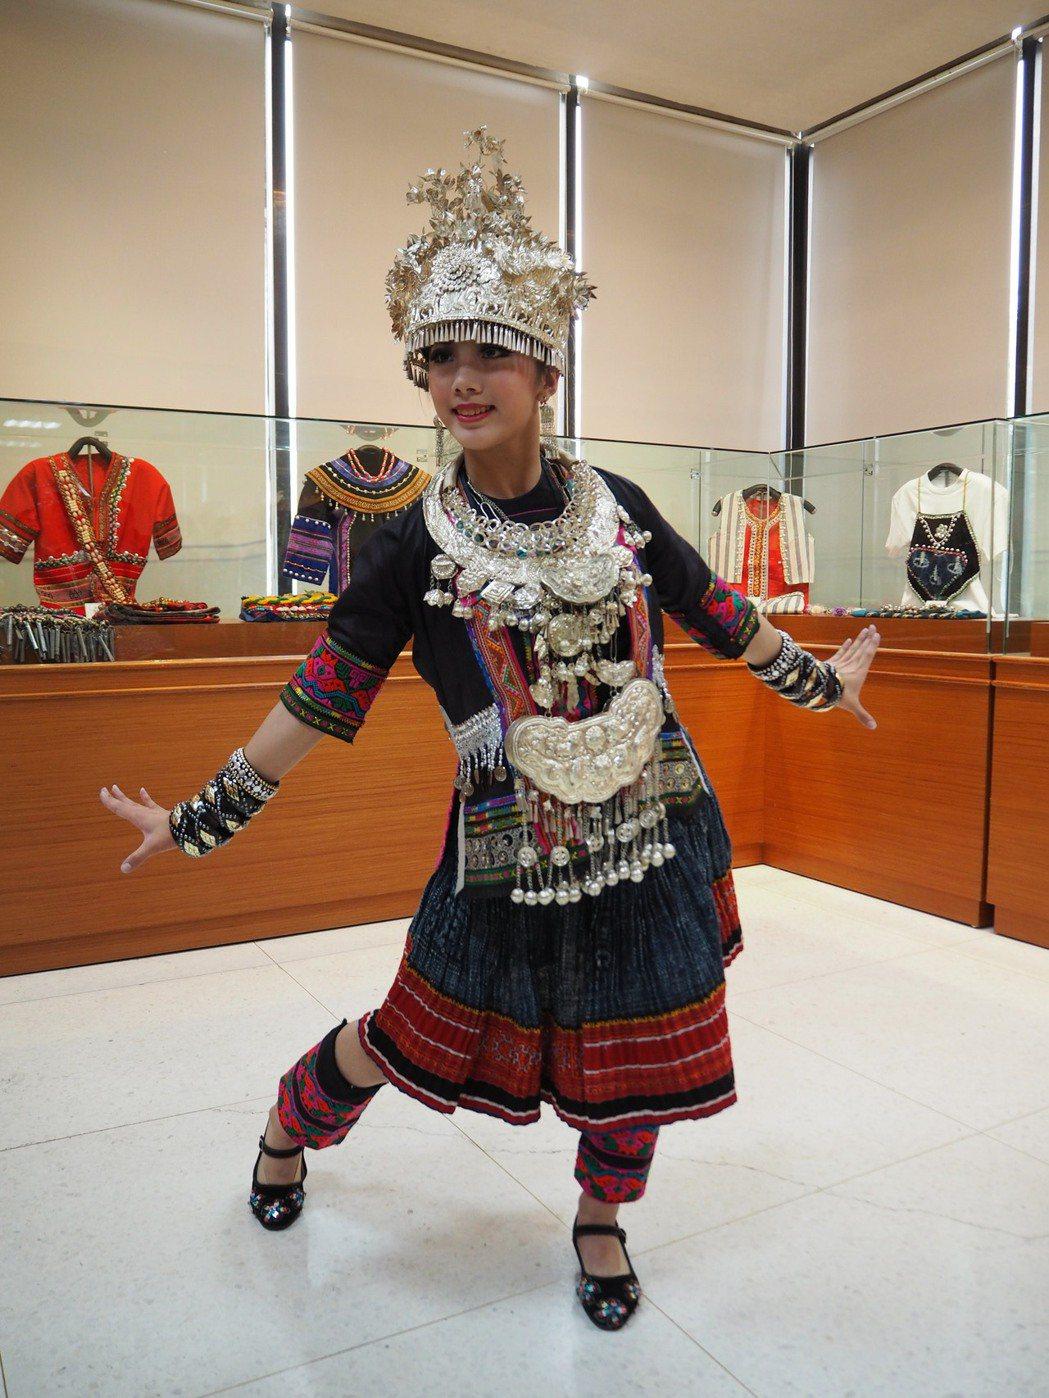 中國雲南少數民族的傳統服飾。記者喻文玟/攝影